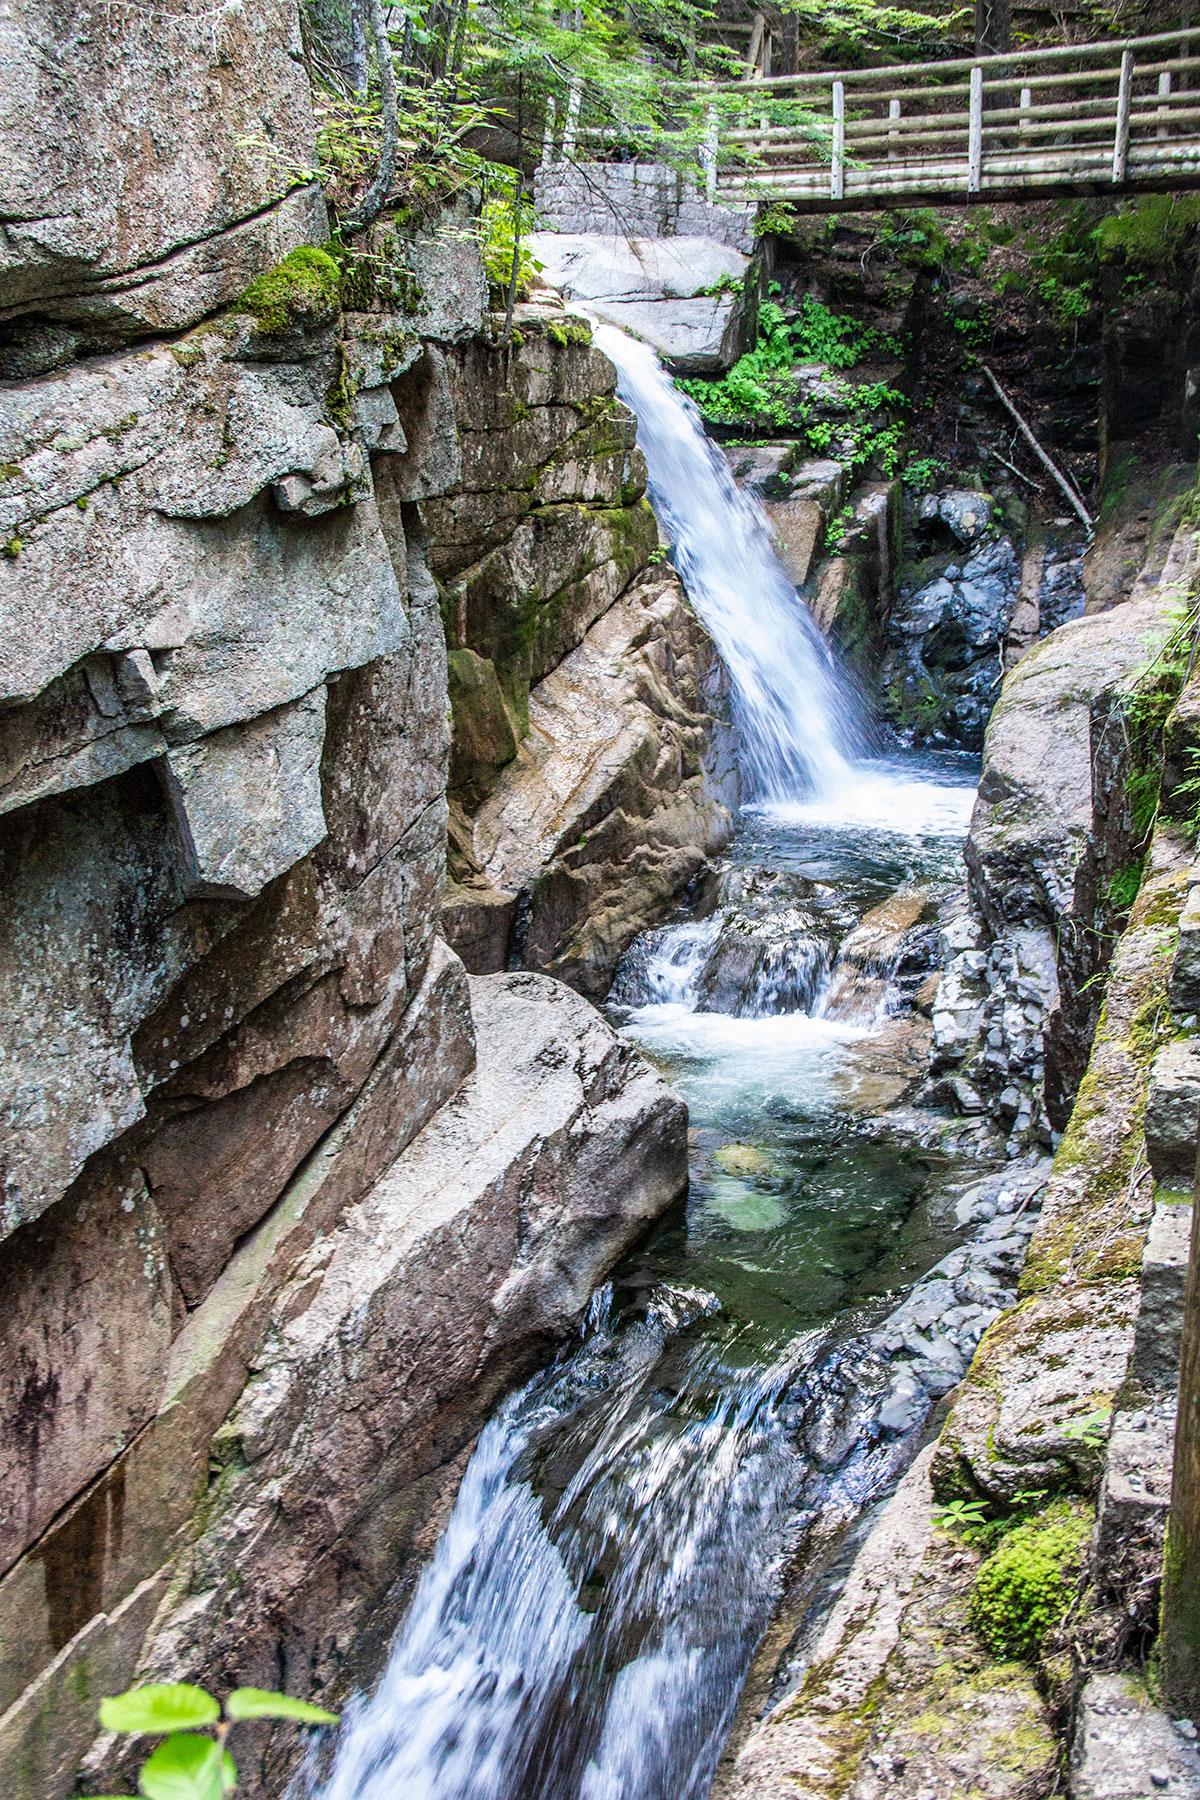 Sabbaday-Falls-White-Mountains-Kancamagus-highway